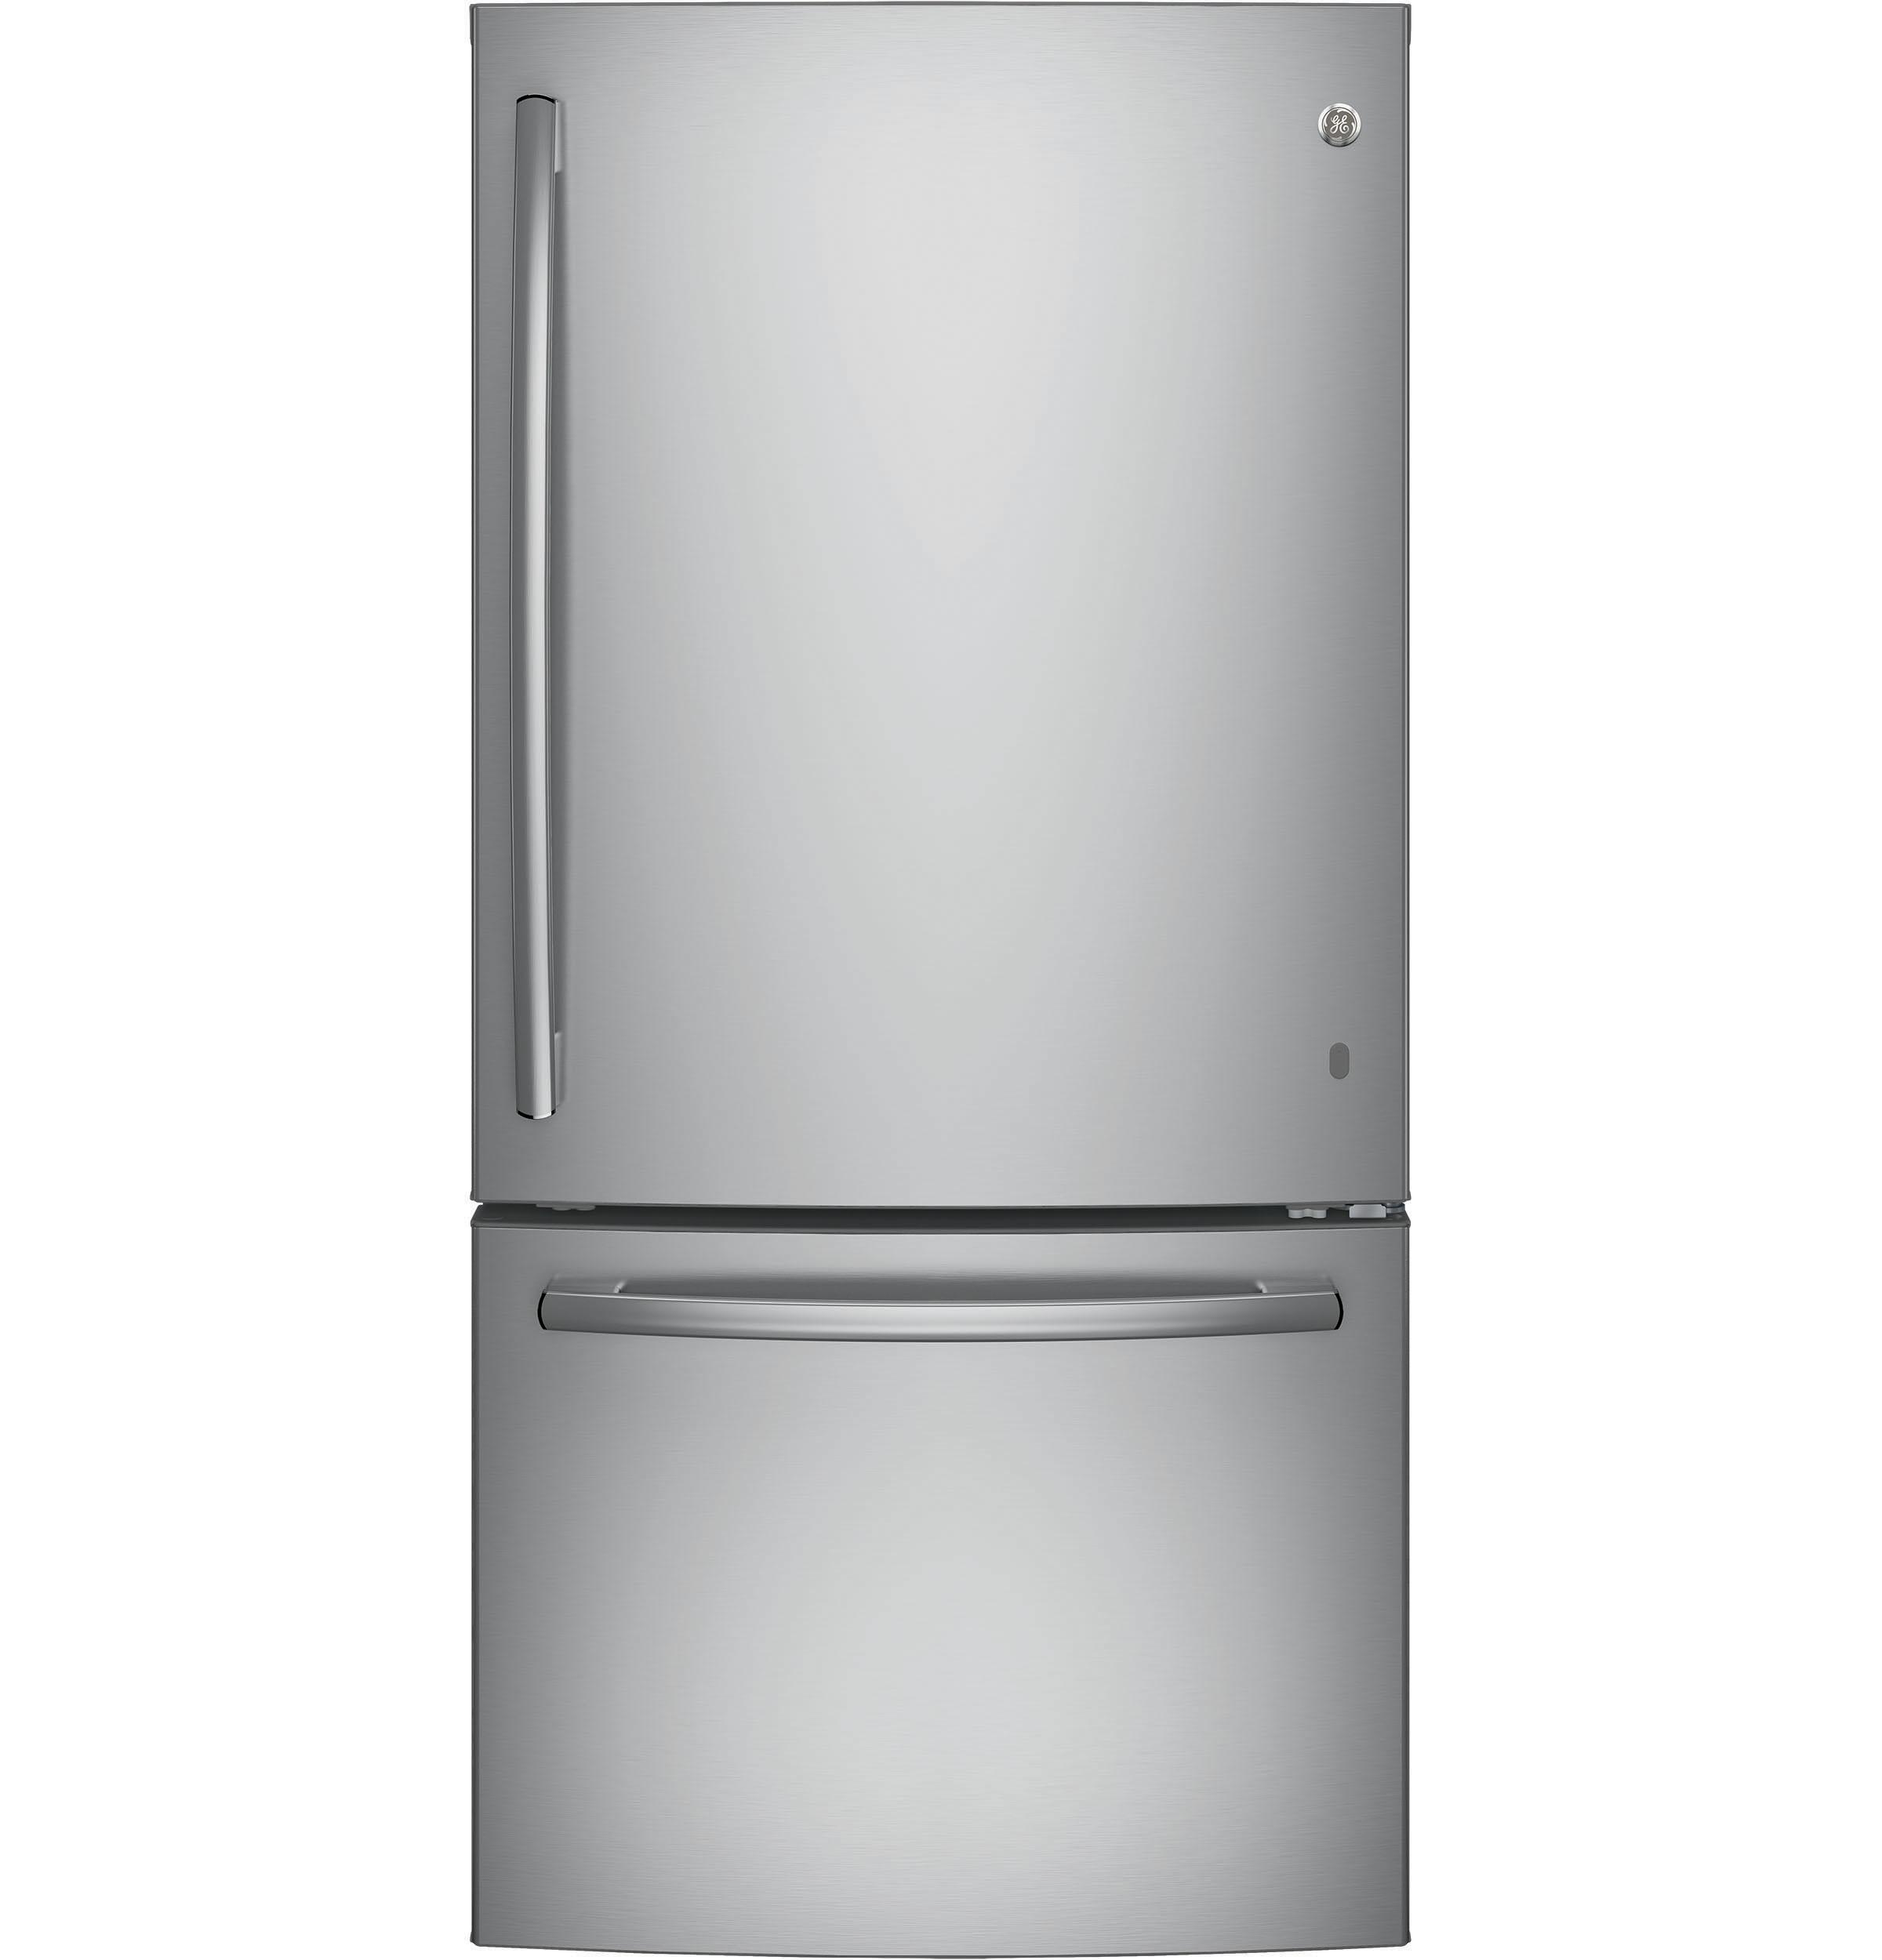 GE Appliances GDE25ESKSS 24 9 cu ft Single Door Bottom Freezer